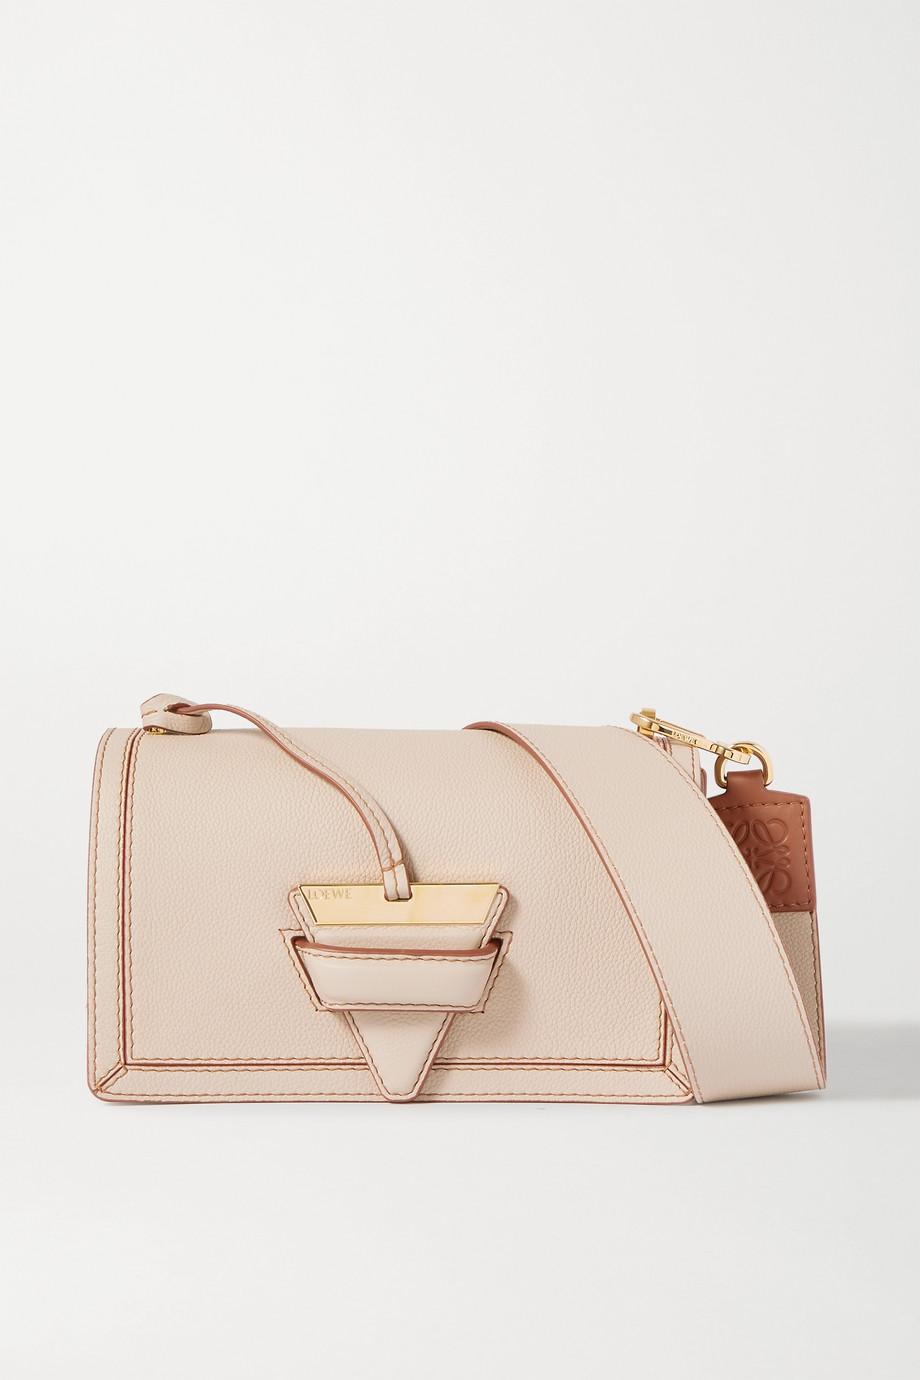 Loewe Barcelona textured-leather shoulder bag